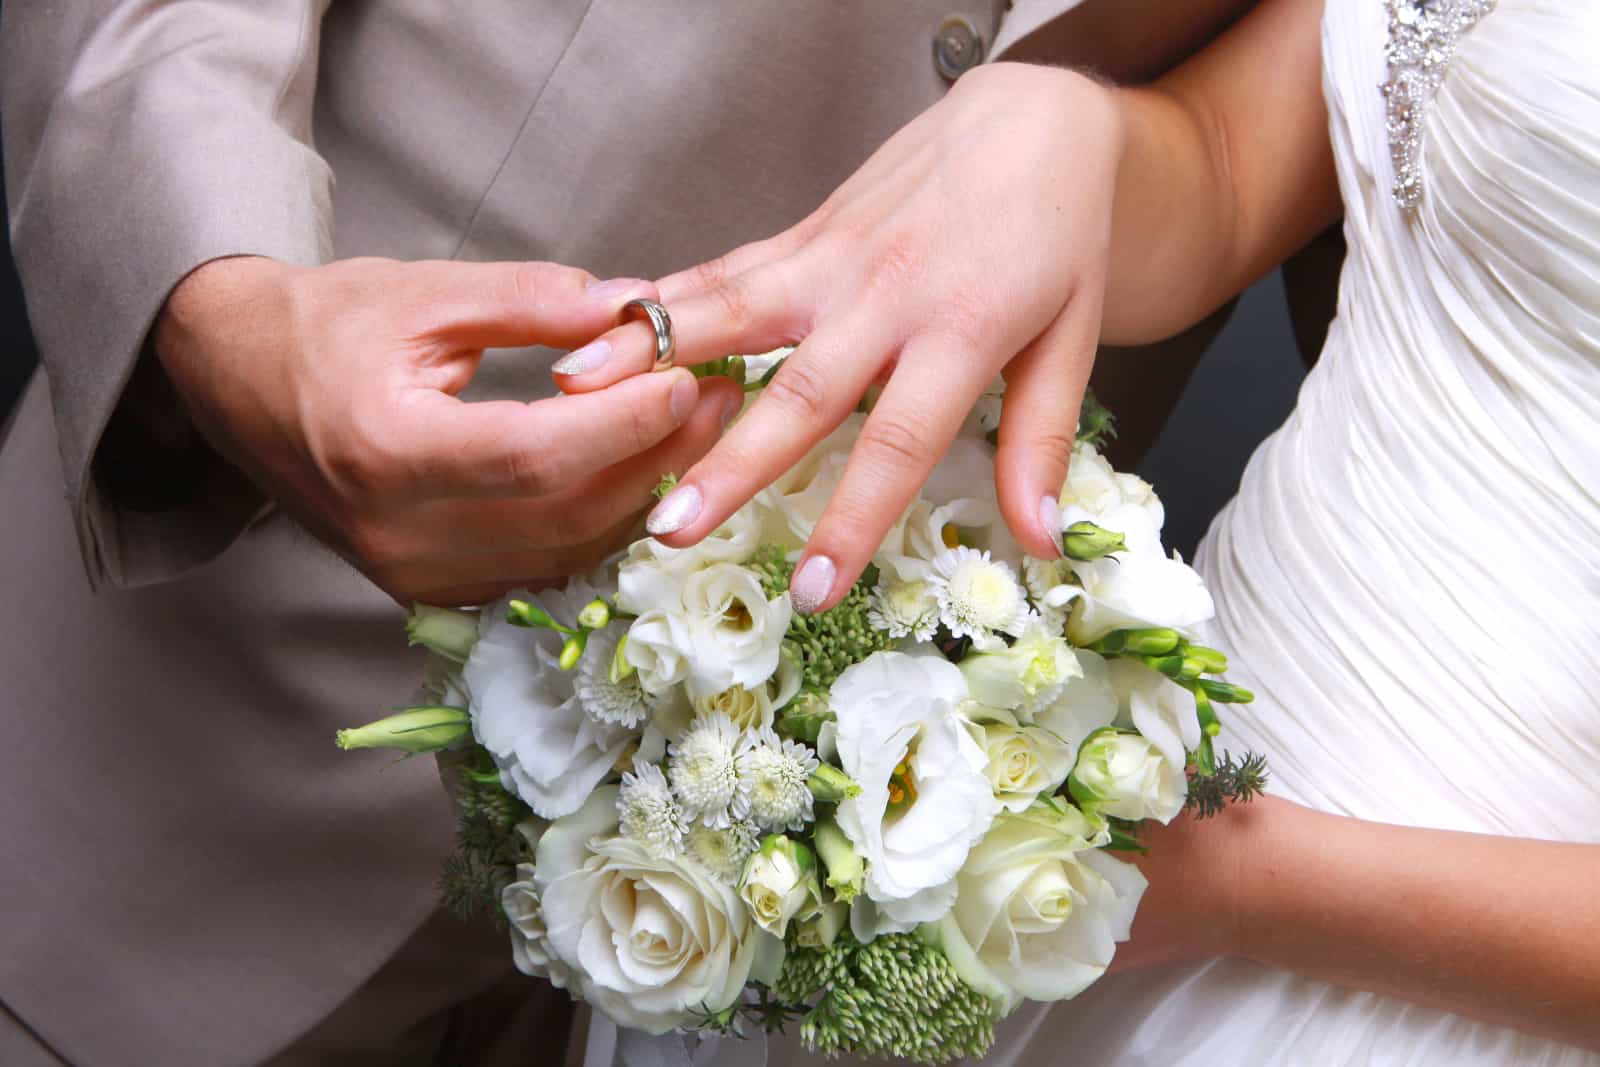 Der Bräutigam legt der Braut einen Ehering auf die Hand